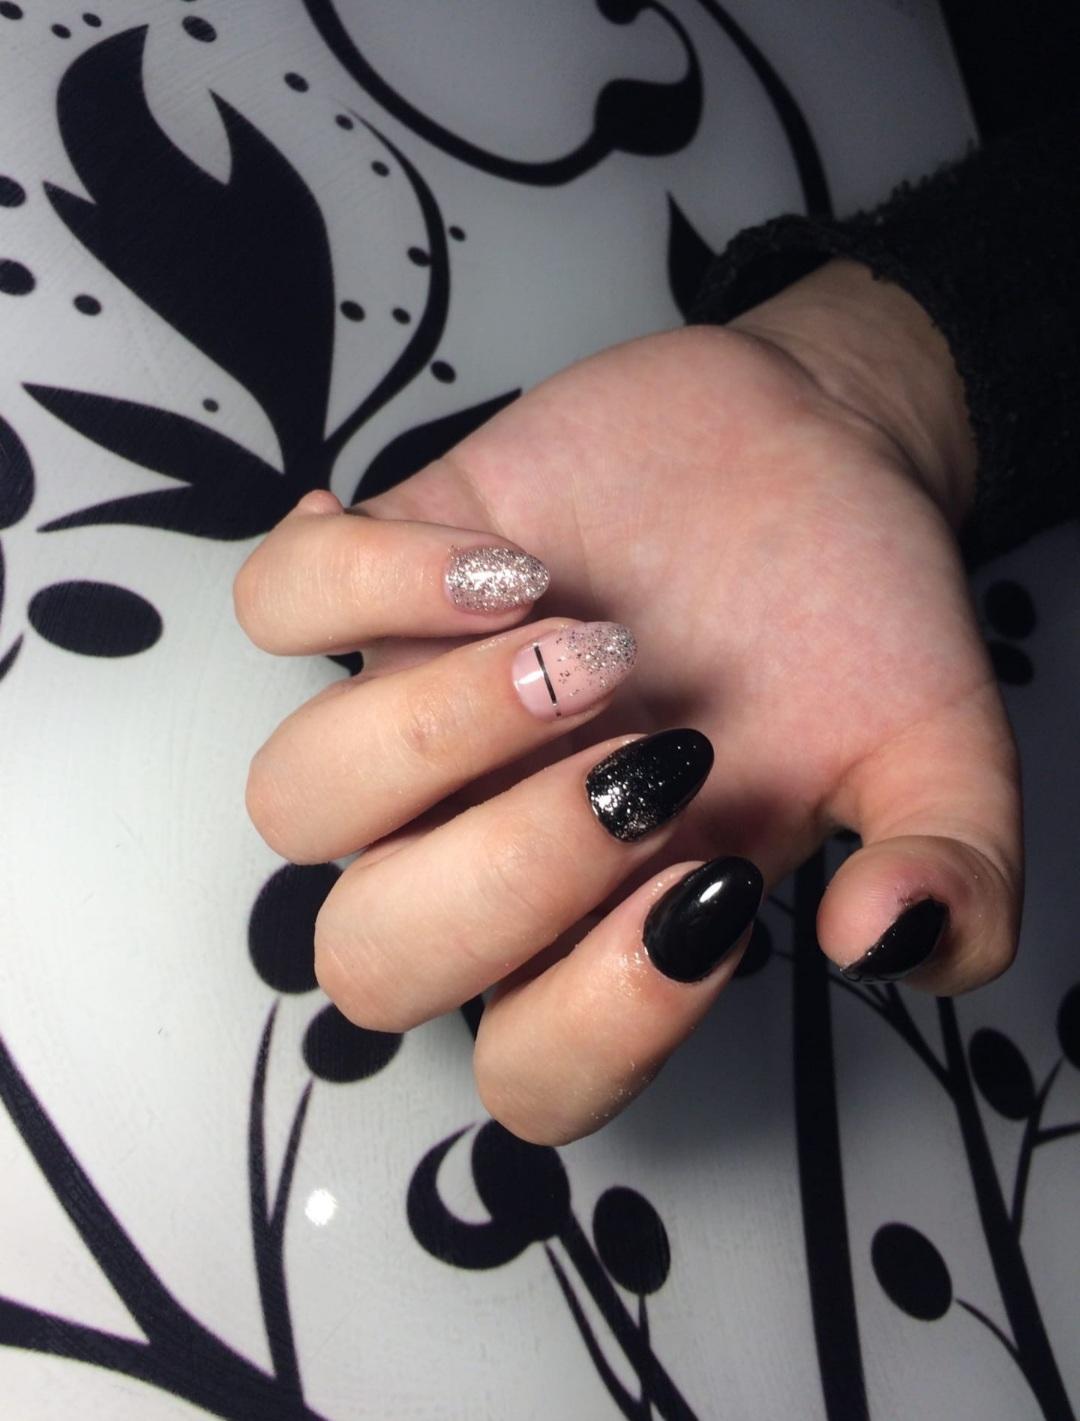 Маникюр с блёстками (импровизация) в чёрном цвете